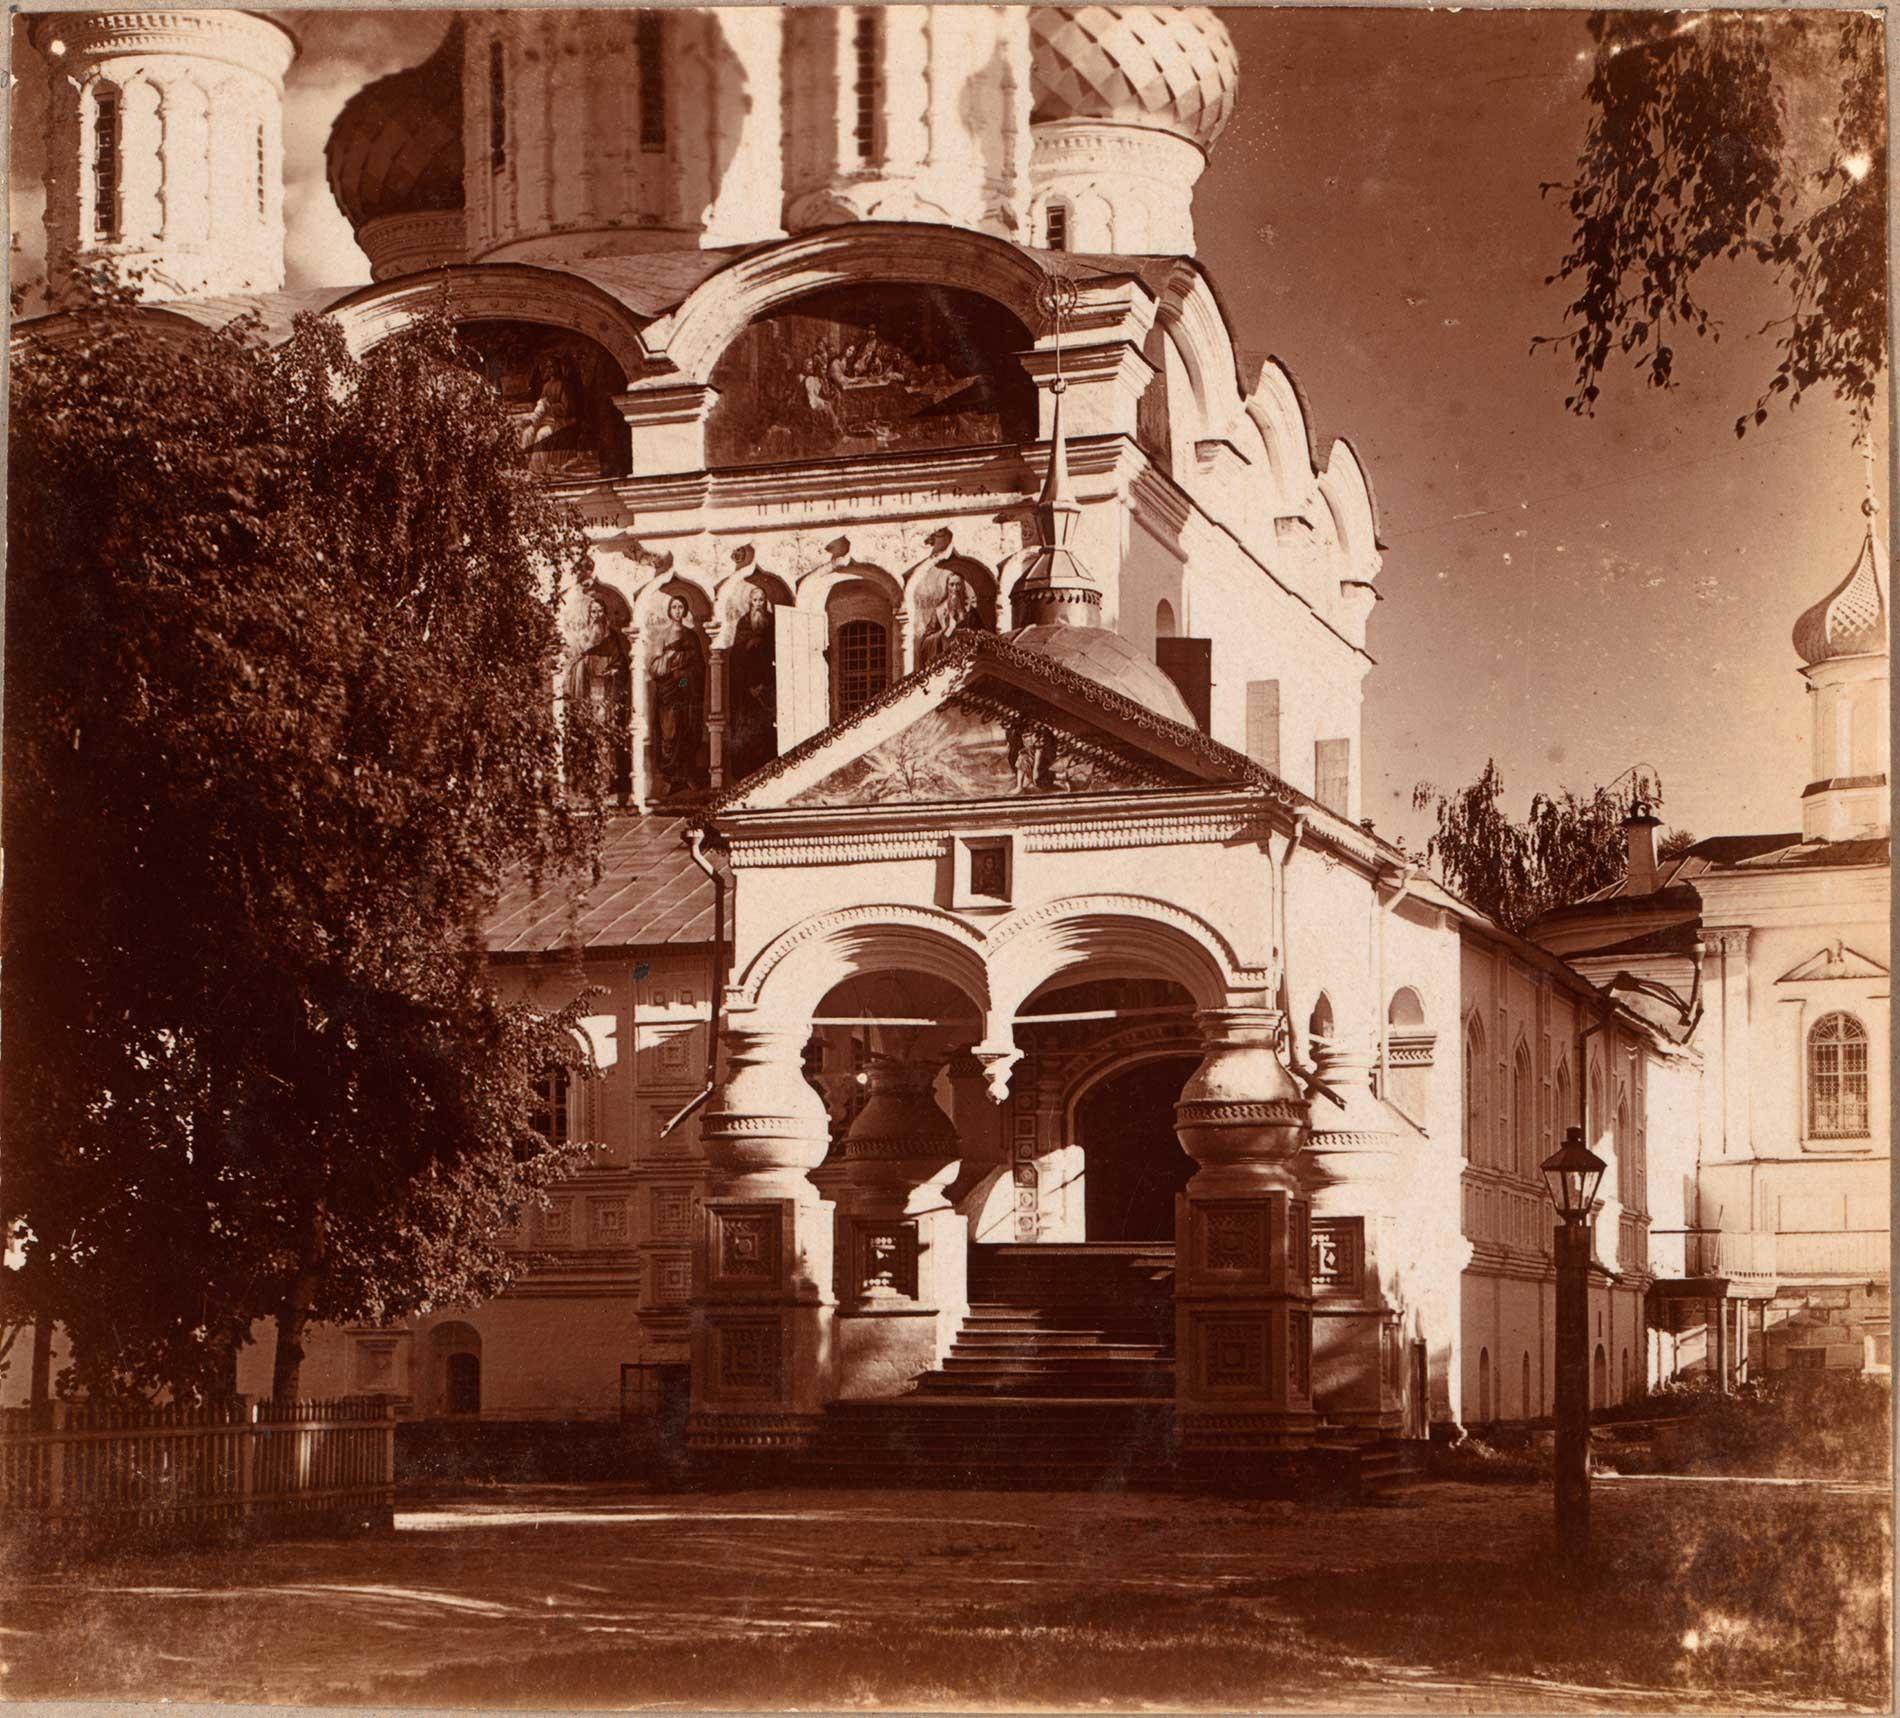 Ипатјевски манастир Свете Тројице. Храм Свете Тројице, северозападни угао са тремом и степеницама које воде на западну галерију. Лето 1910.